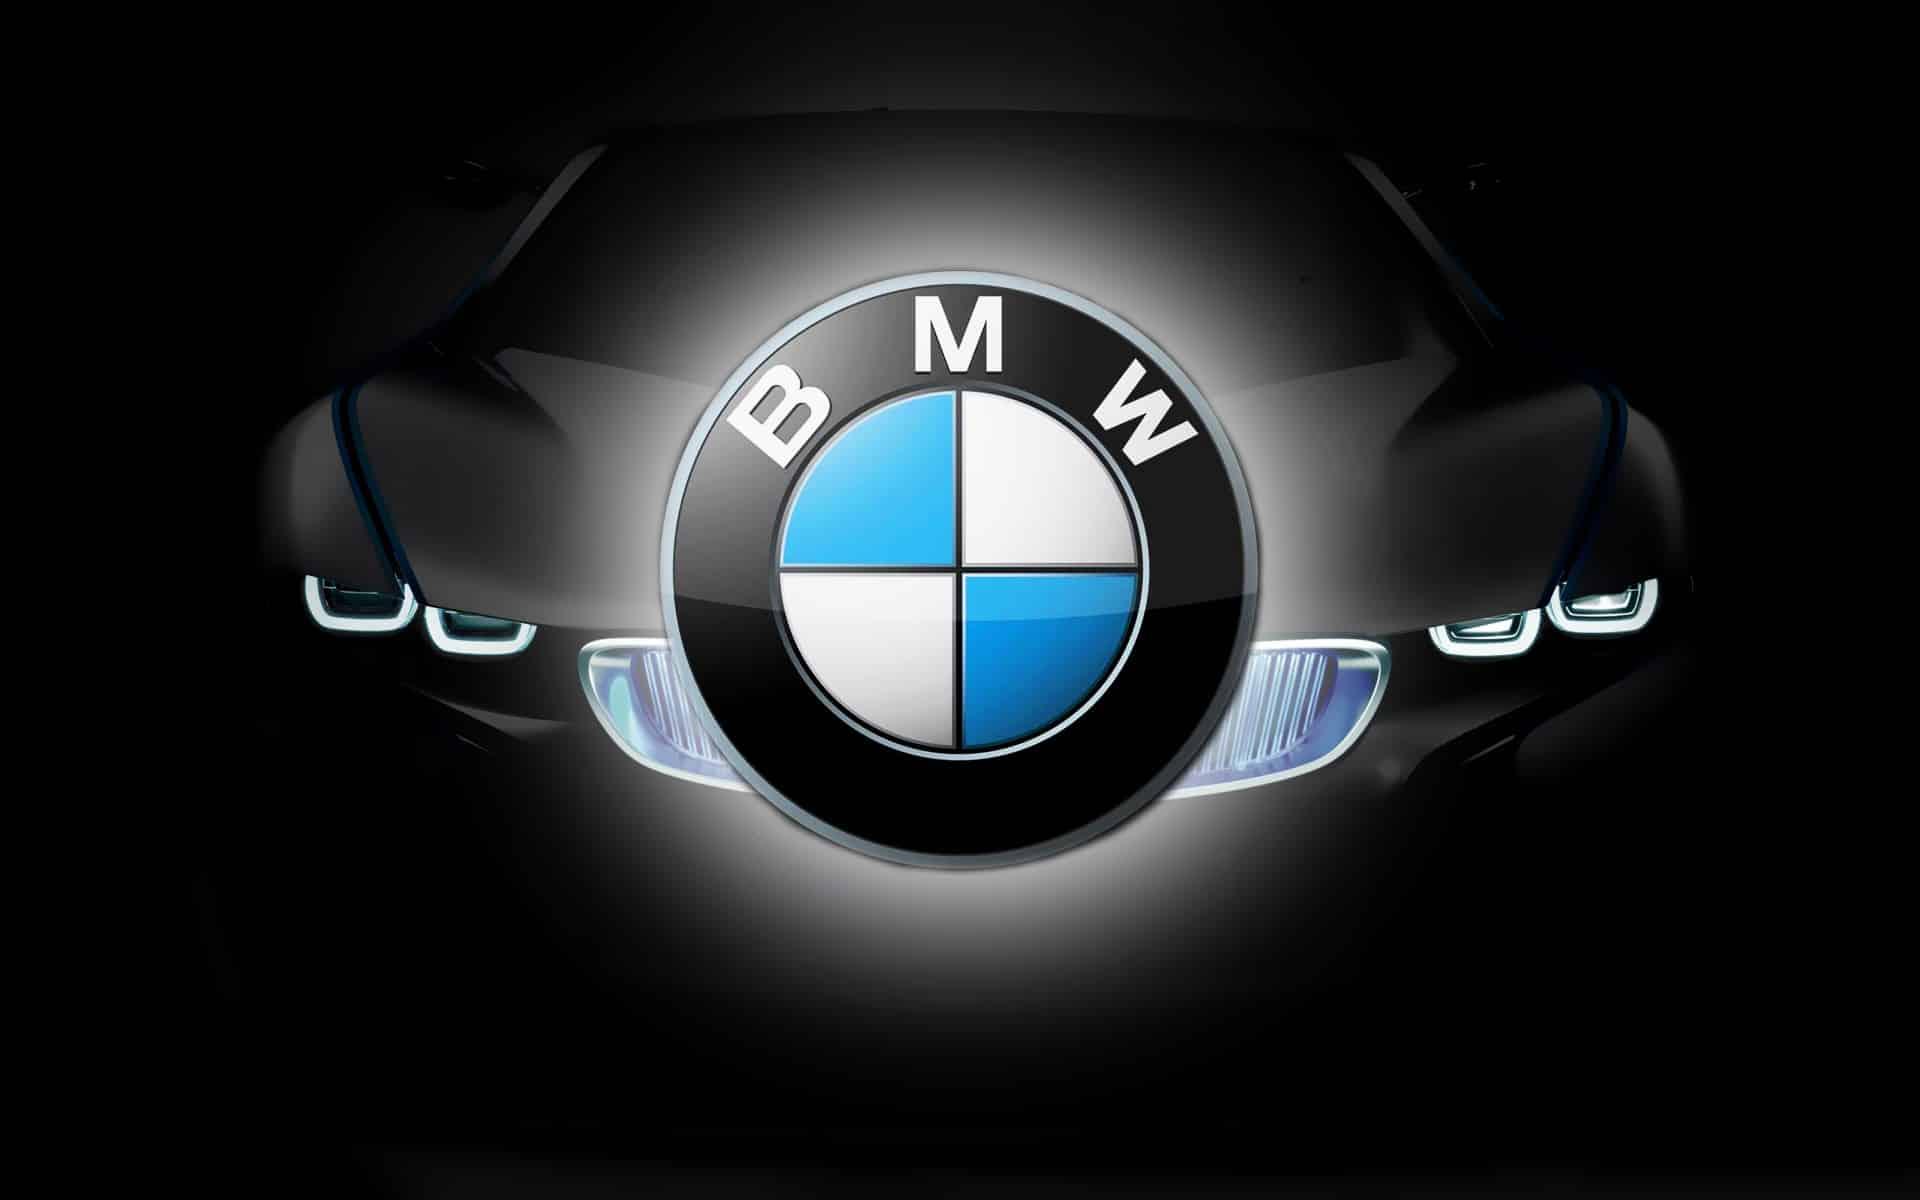 Le logo des voitures BMW